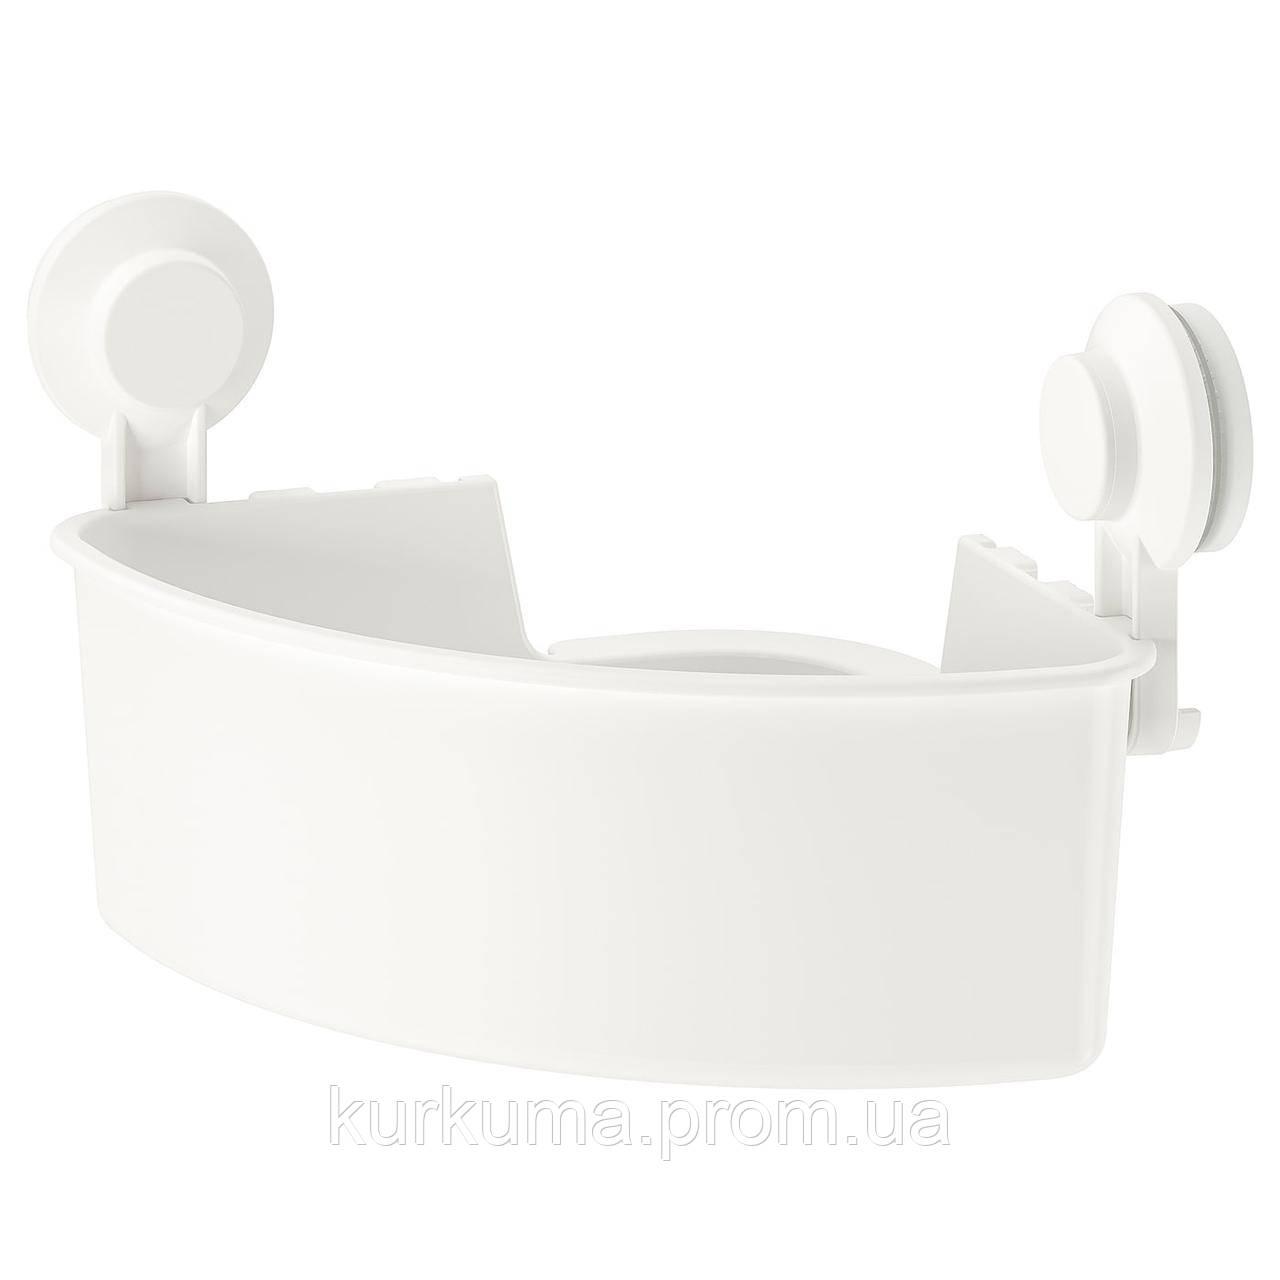 IKEA TISKEN Угловая полка на присосках, белая (204.003.04)